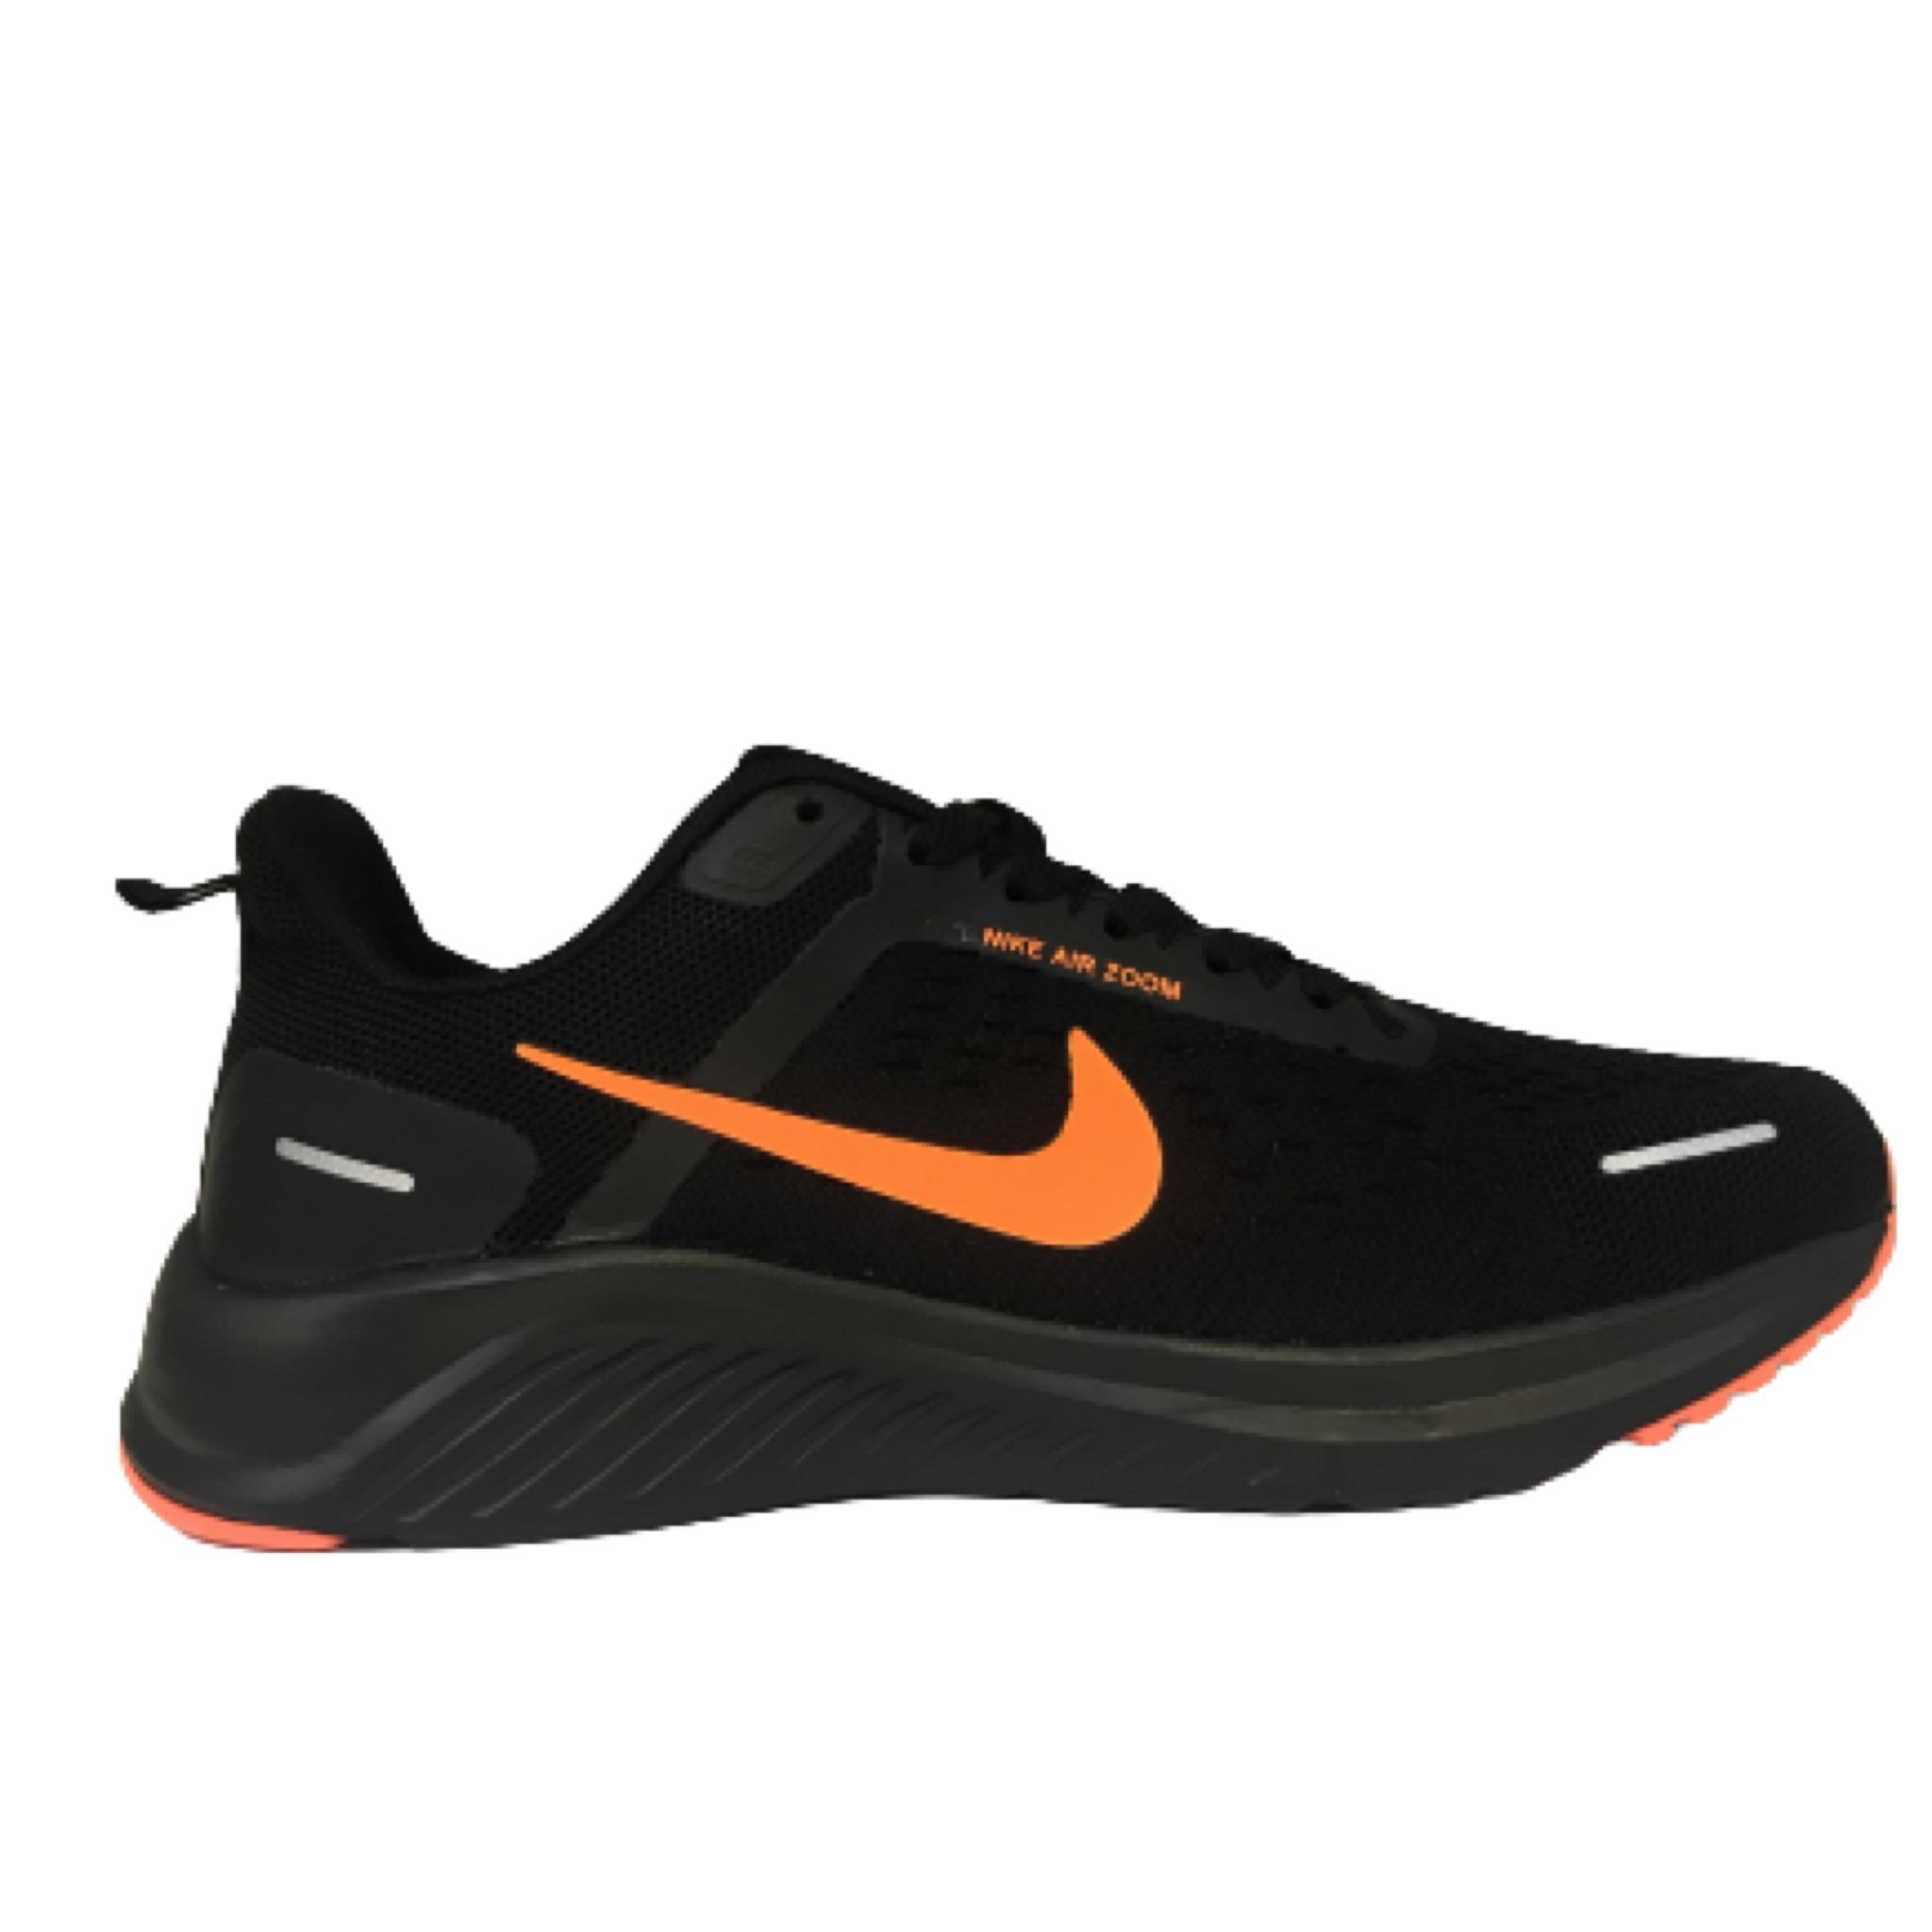 خرید                                     کفش پیاده روی مردانه مدل r123456789                     غیر اصل